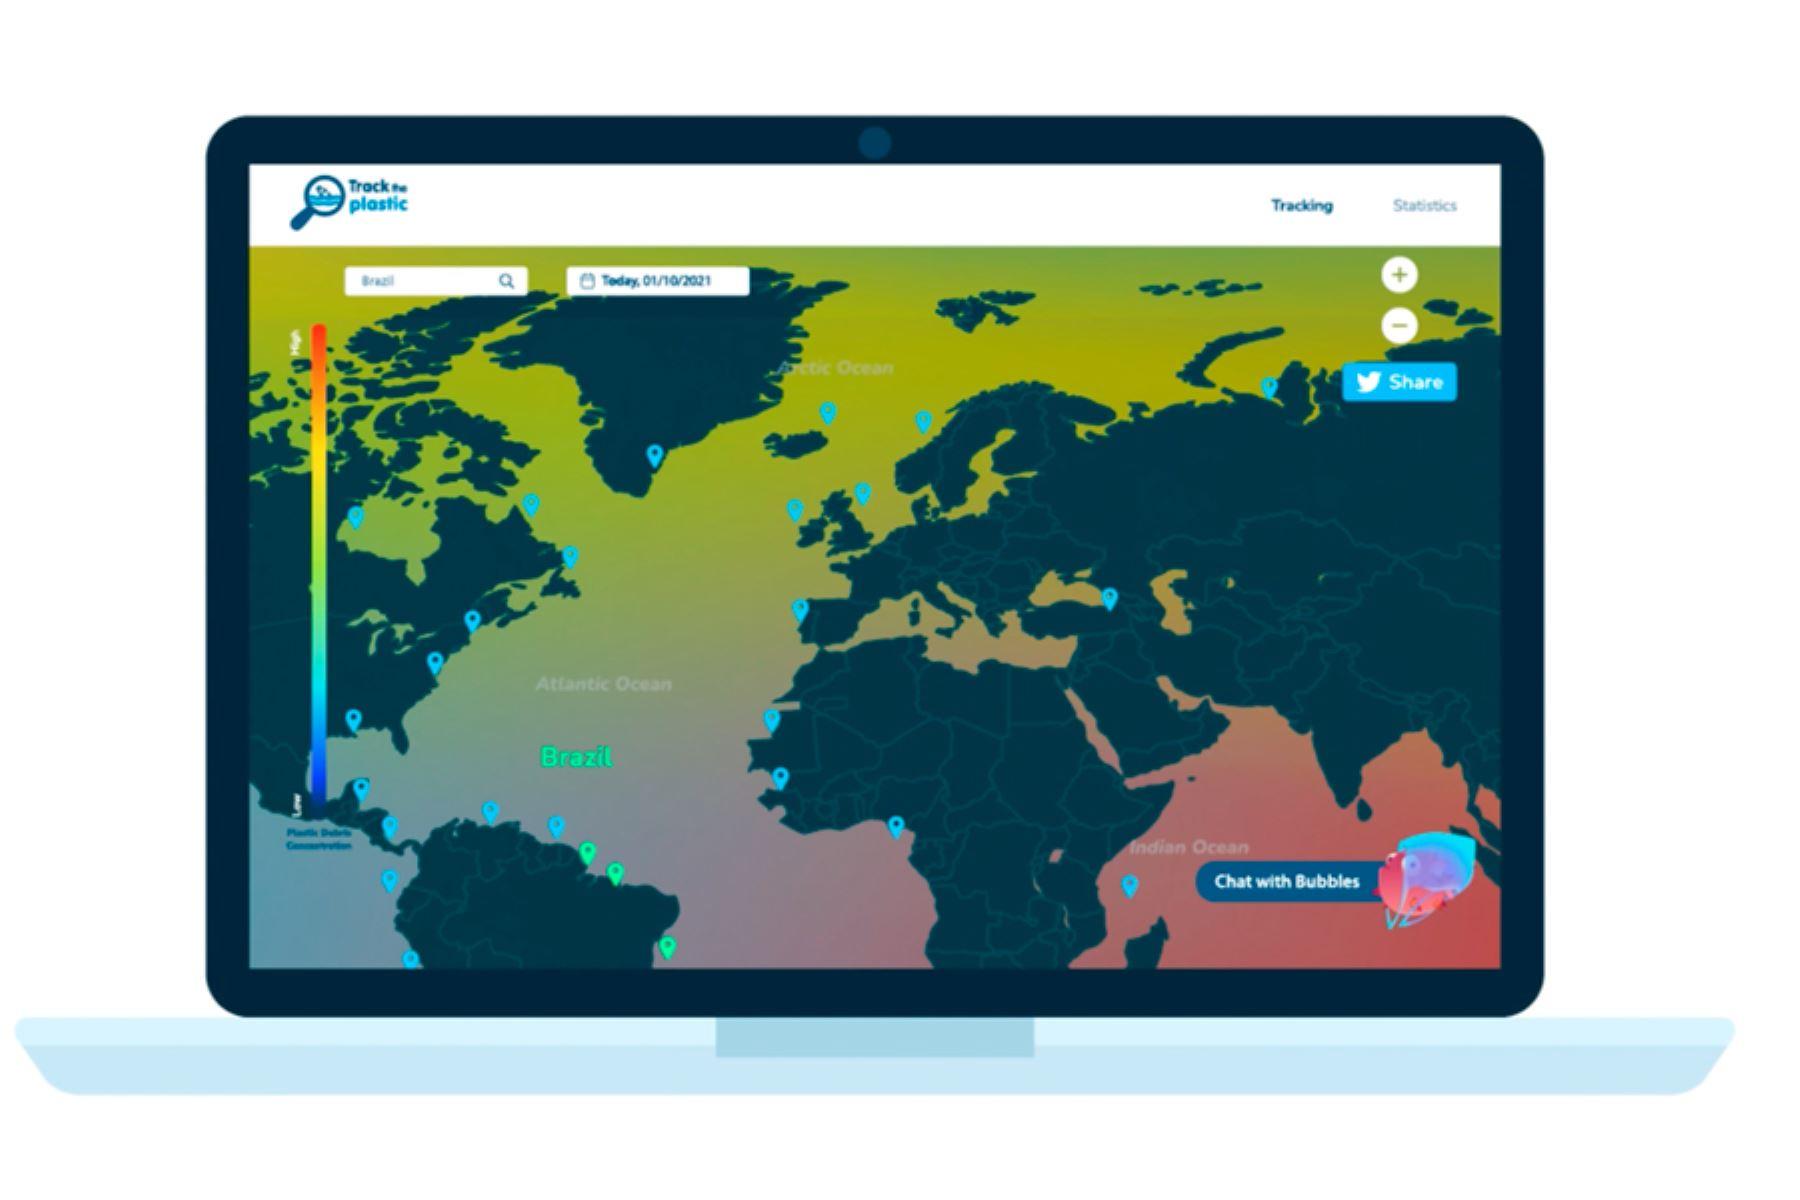 """""""Track the plastic"""" fue planeado en solo 48 horas como parte de la fase local del desafío Space Apps 2021. Foto: Paulet X"""